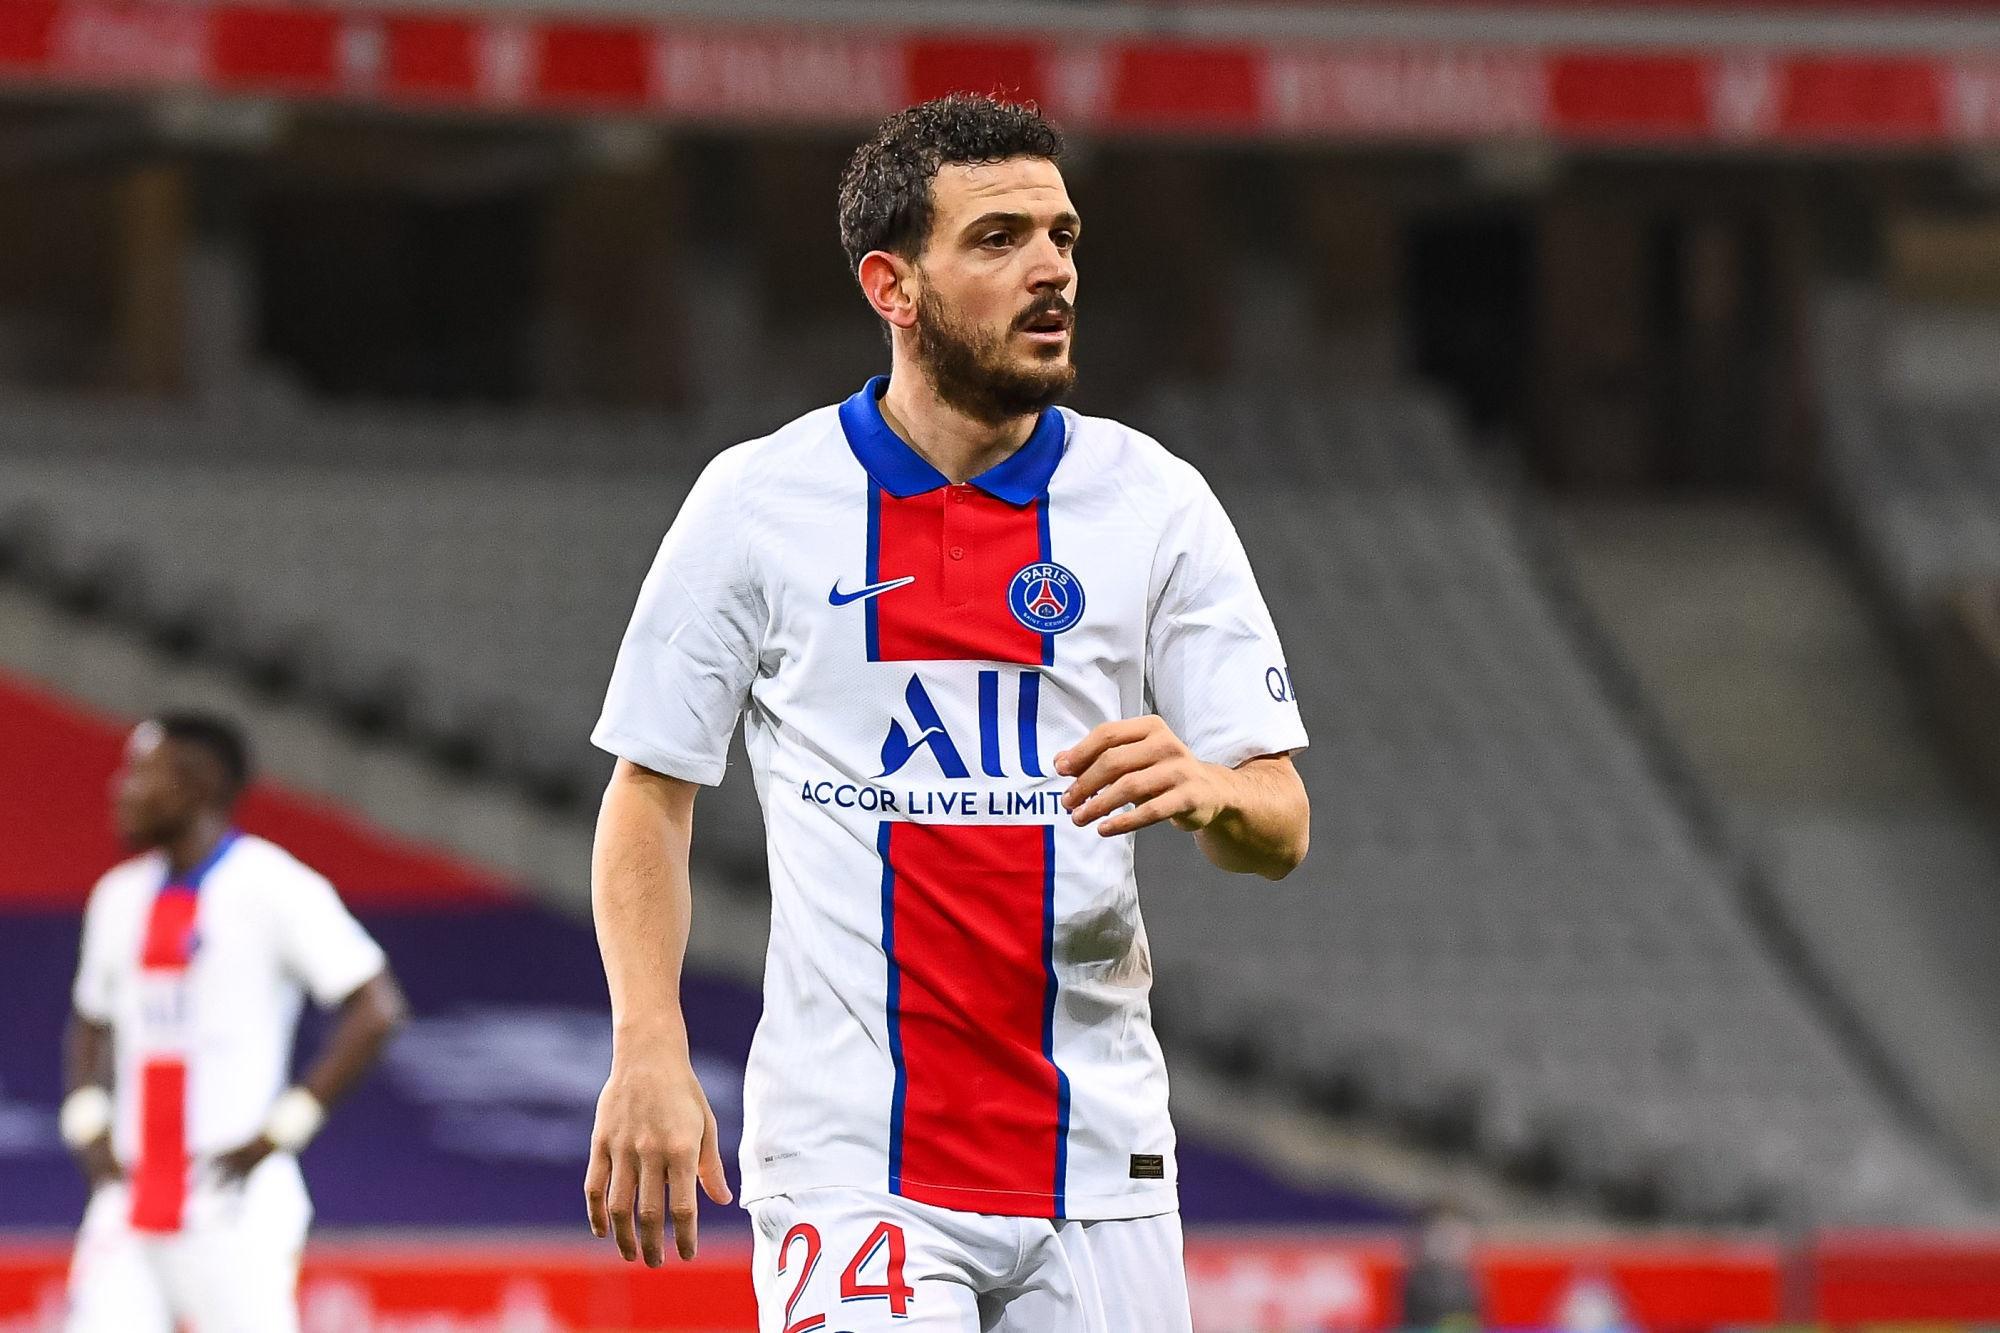 """Lorient/PSG - Florenzi ne cherche pas d'excuses et souligne que """"cela ne doit plus arriver"""""""